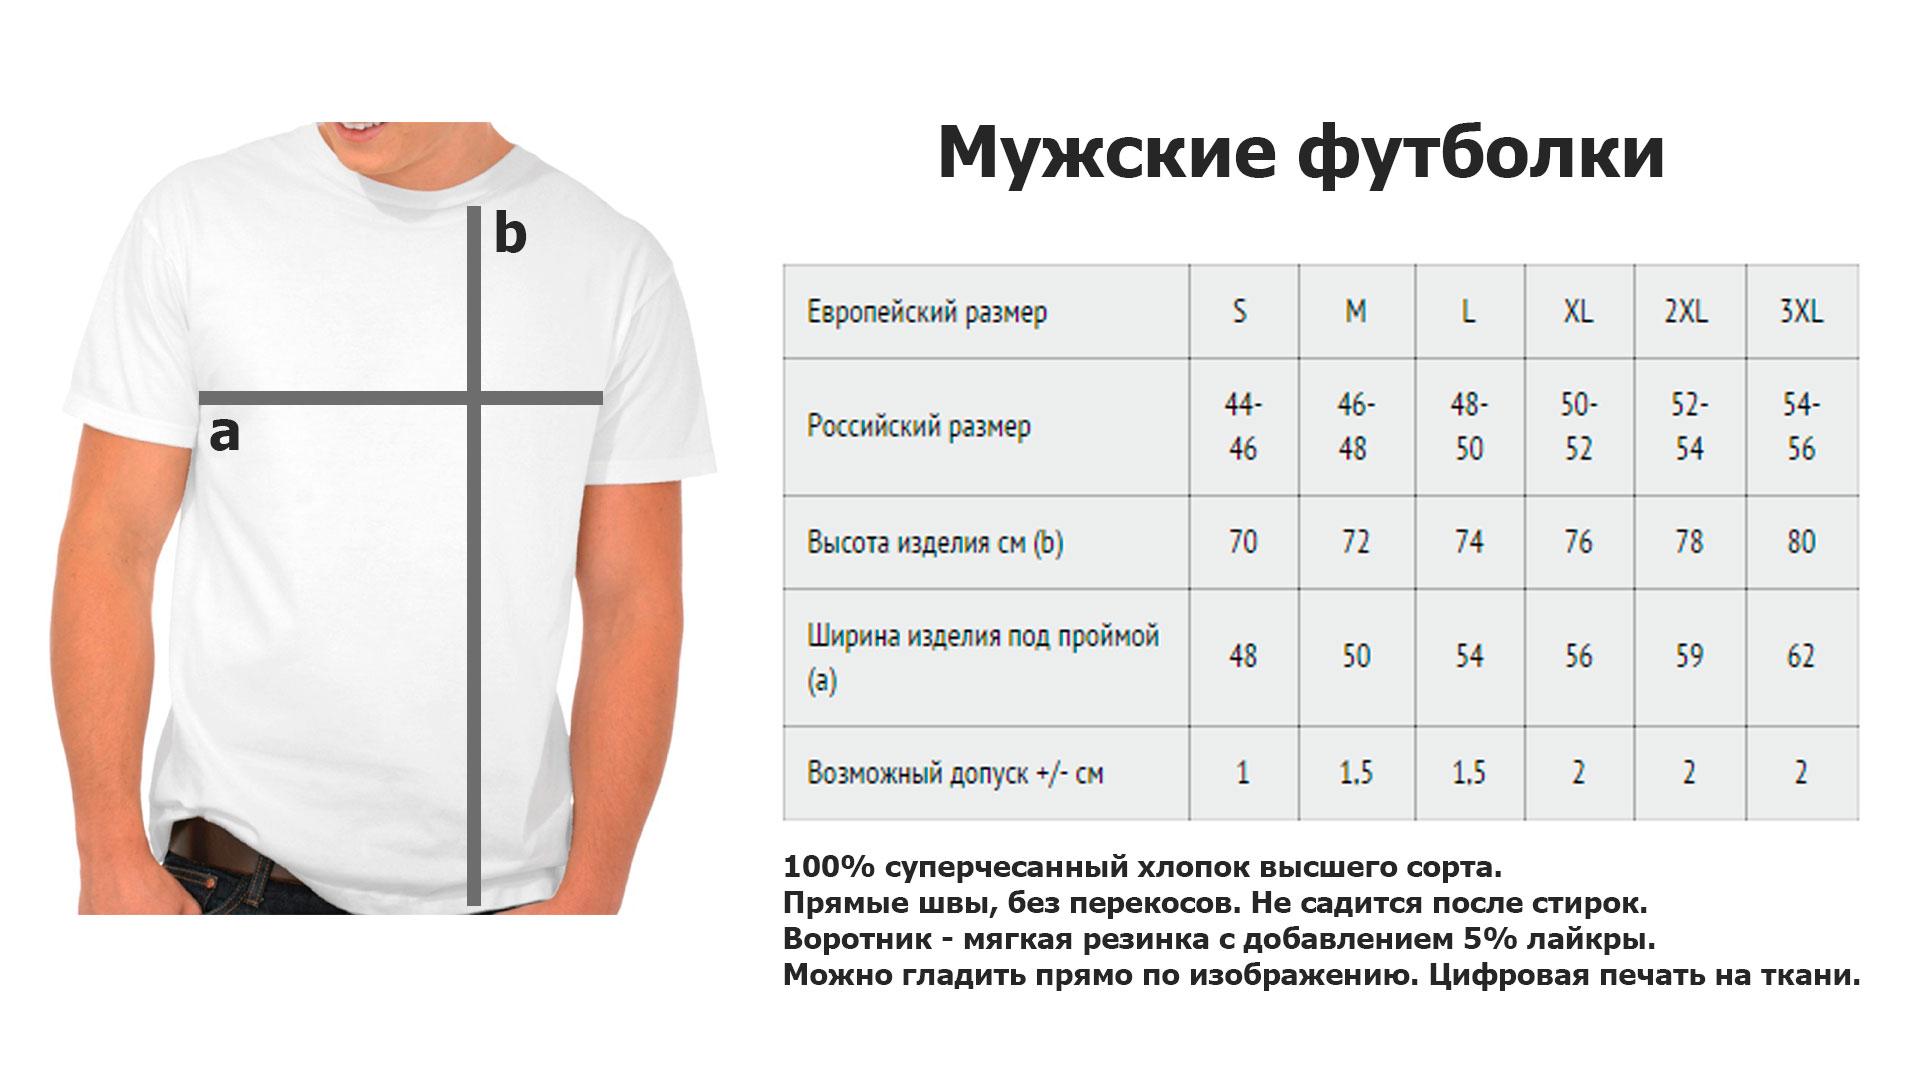 Мужские-футболки-размеры.jpg